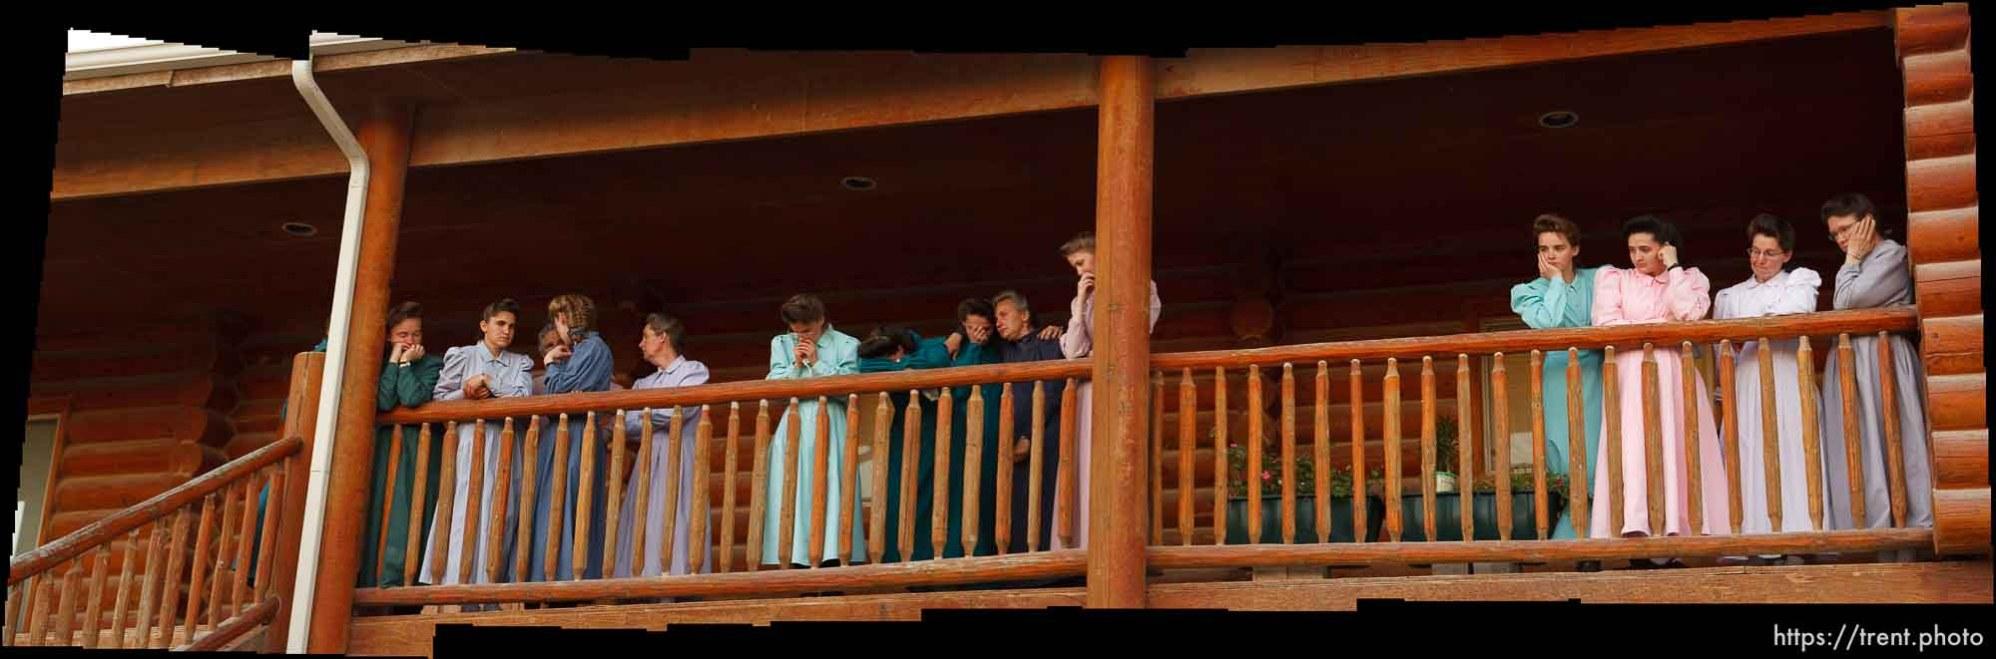 4.14.2008 yfz balcony